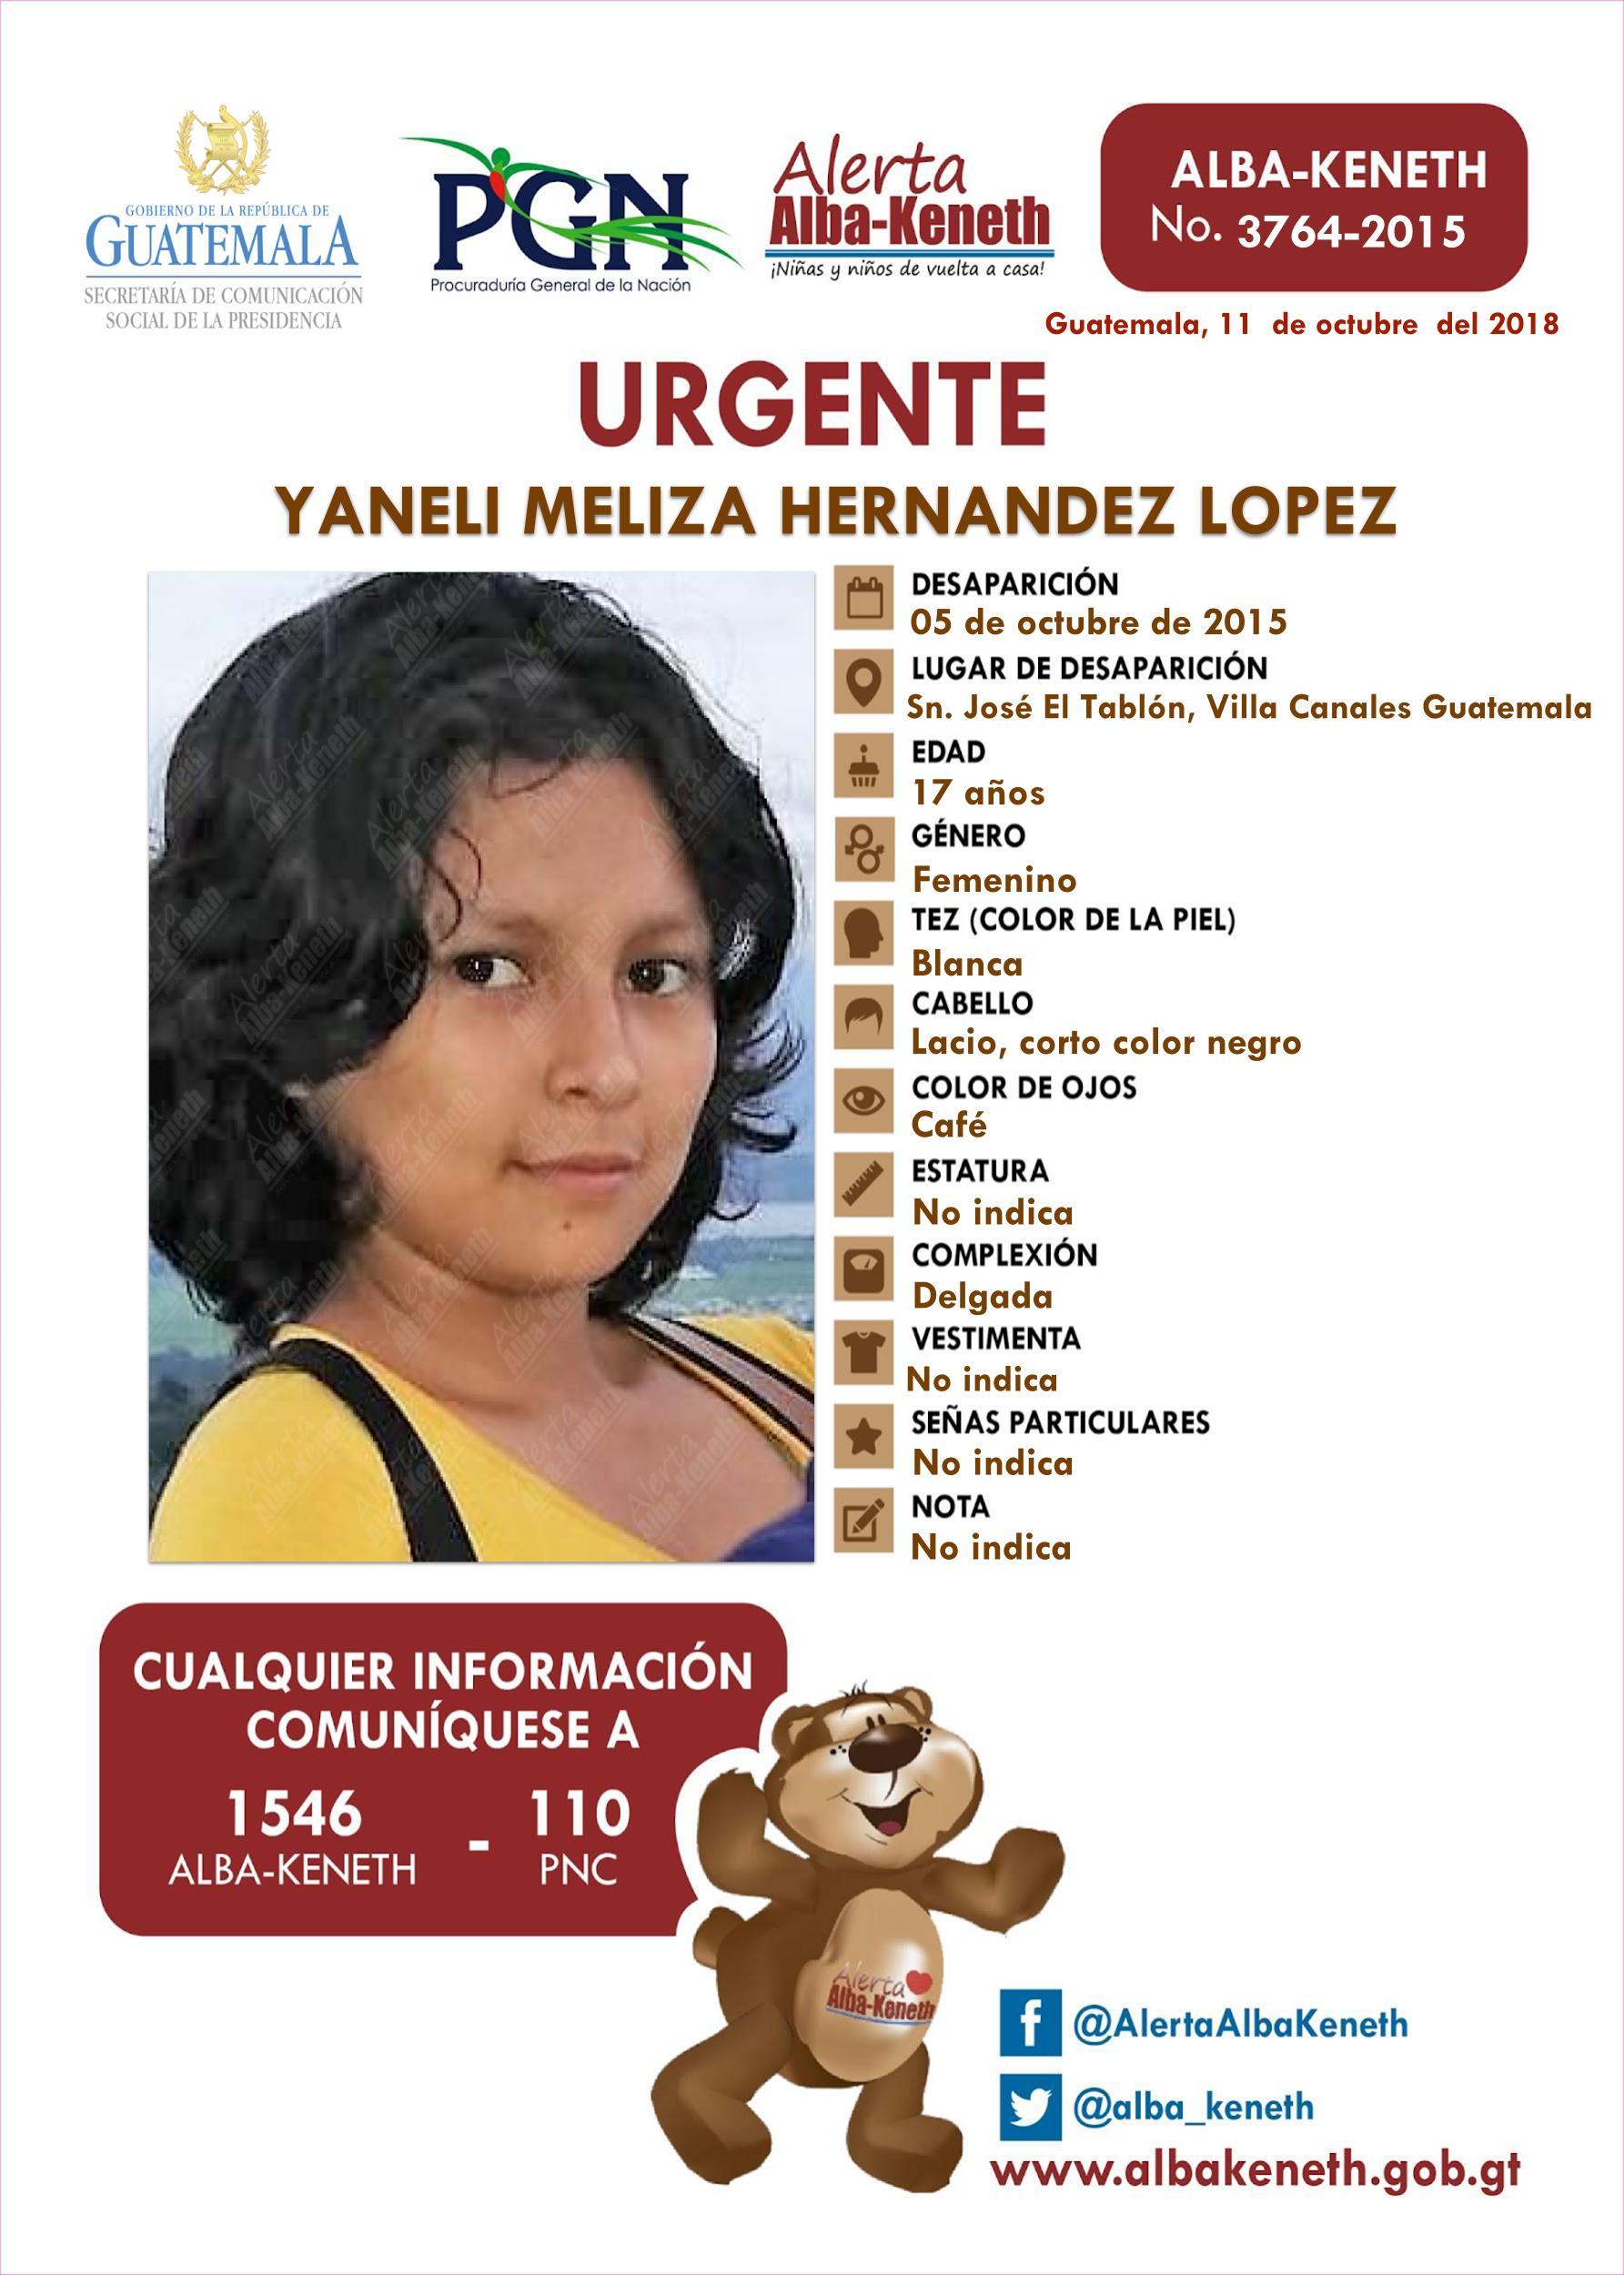 Yaneli Meliza Hernandez Lopez